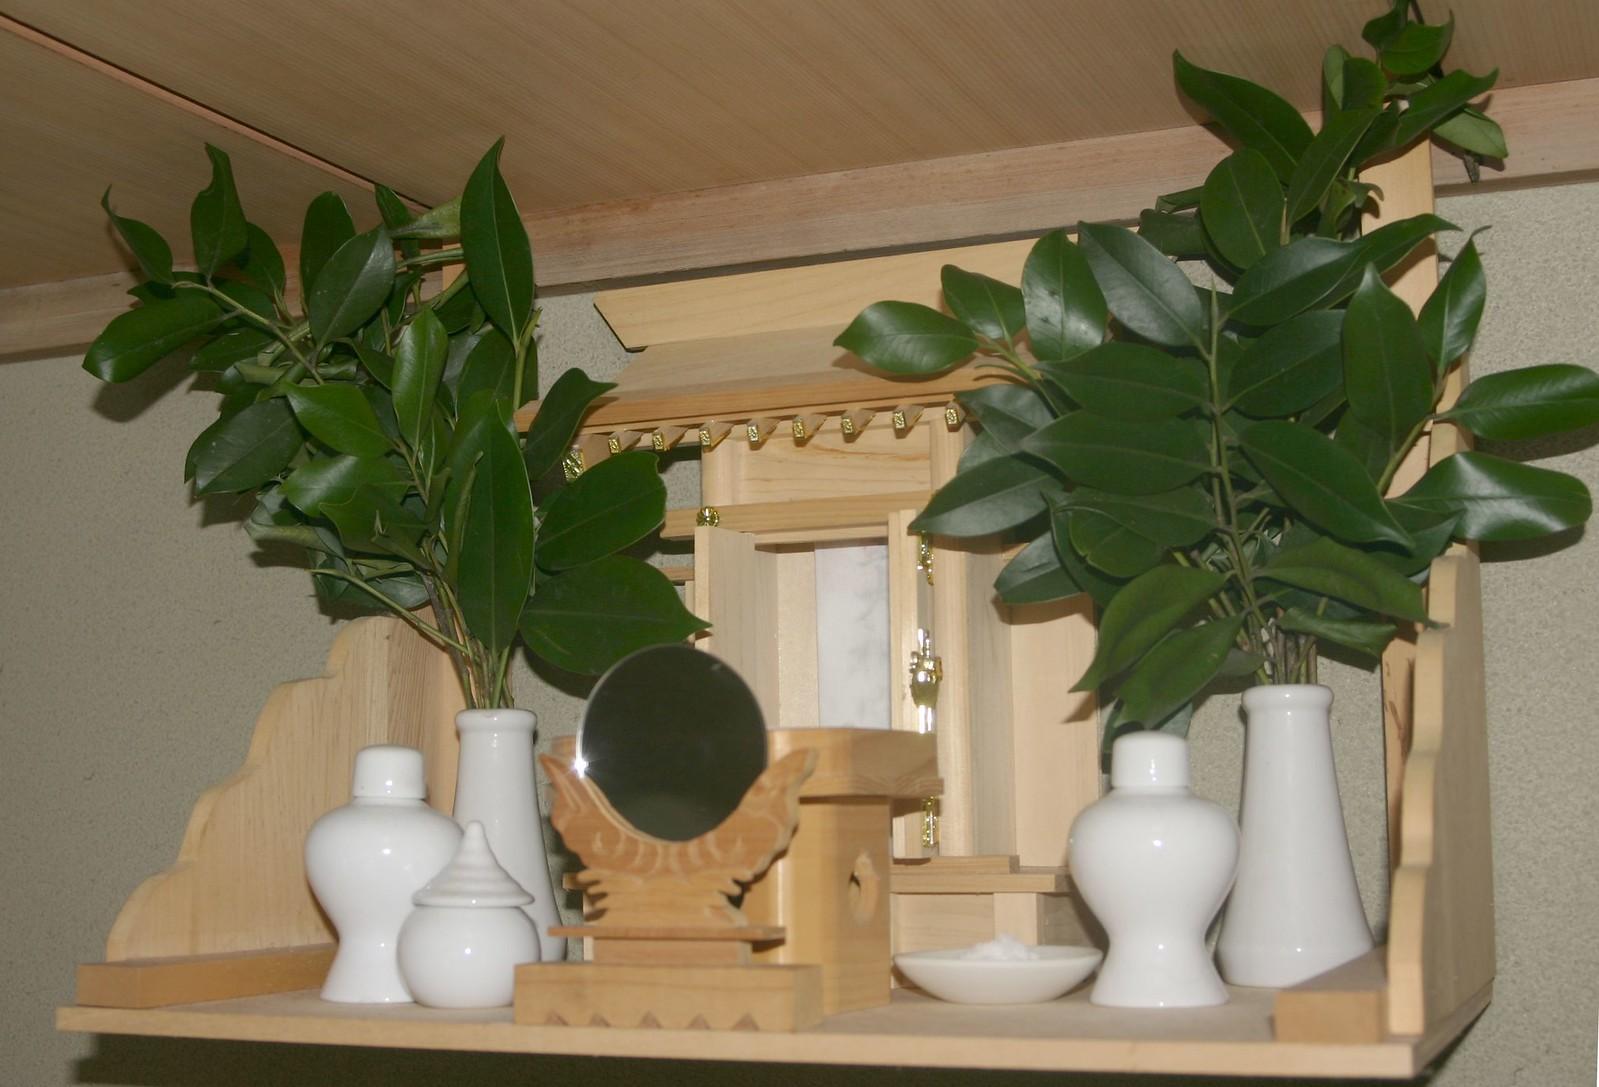 神棚の正しい配置とは。お神札(おふだ)やお供え物の正しい置き方を紹介